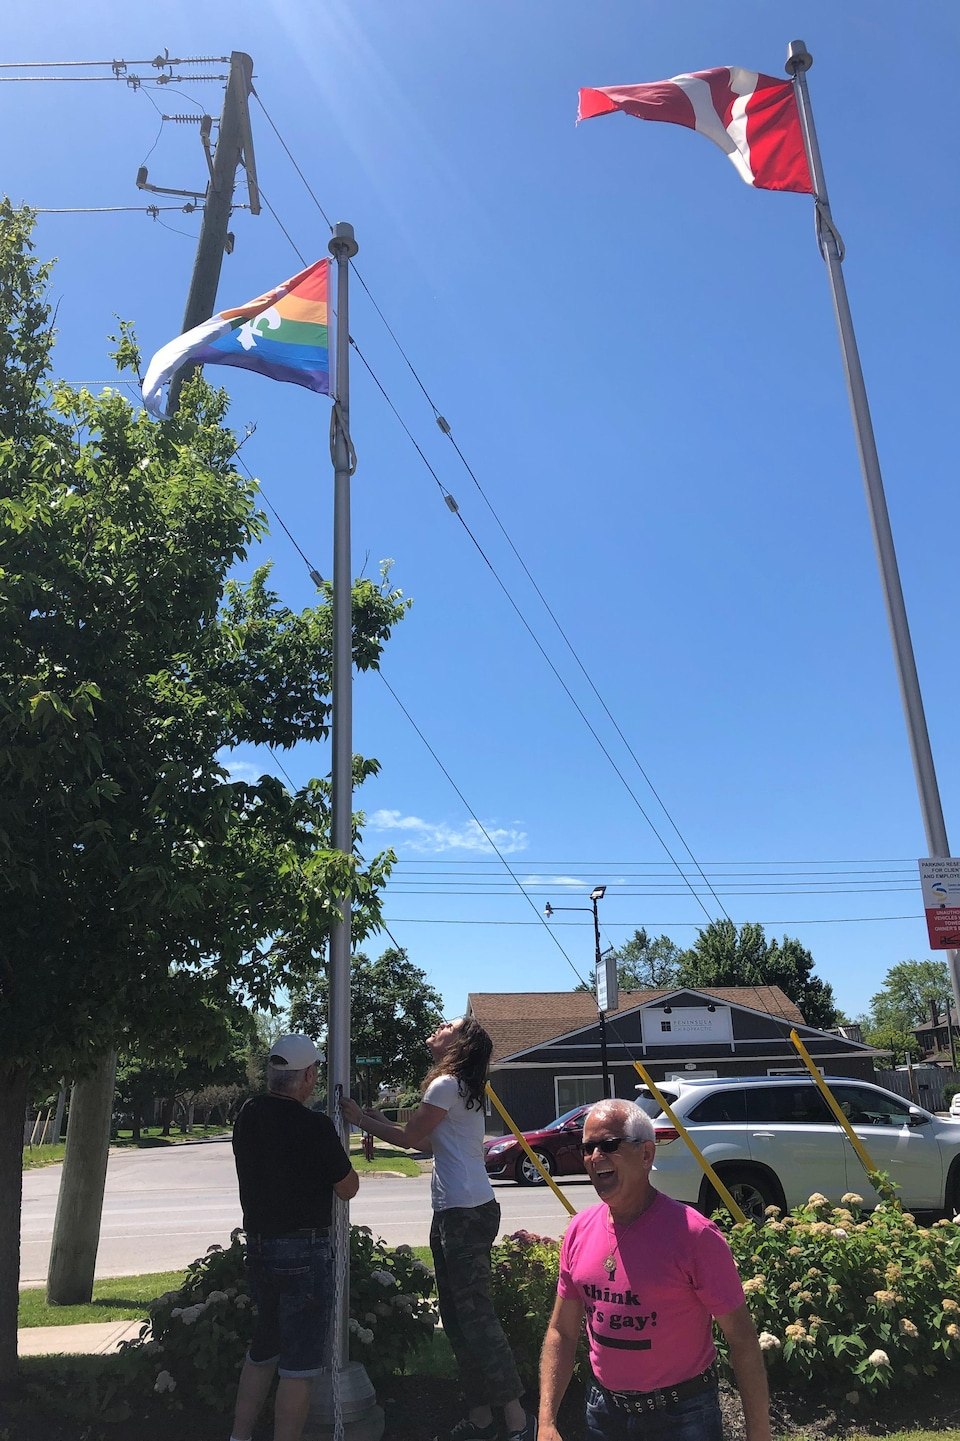 Trois personnes souriantes s'assurent que le drapeau est bien dans les airs.